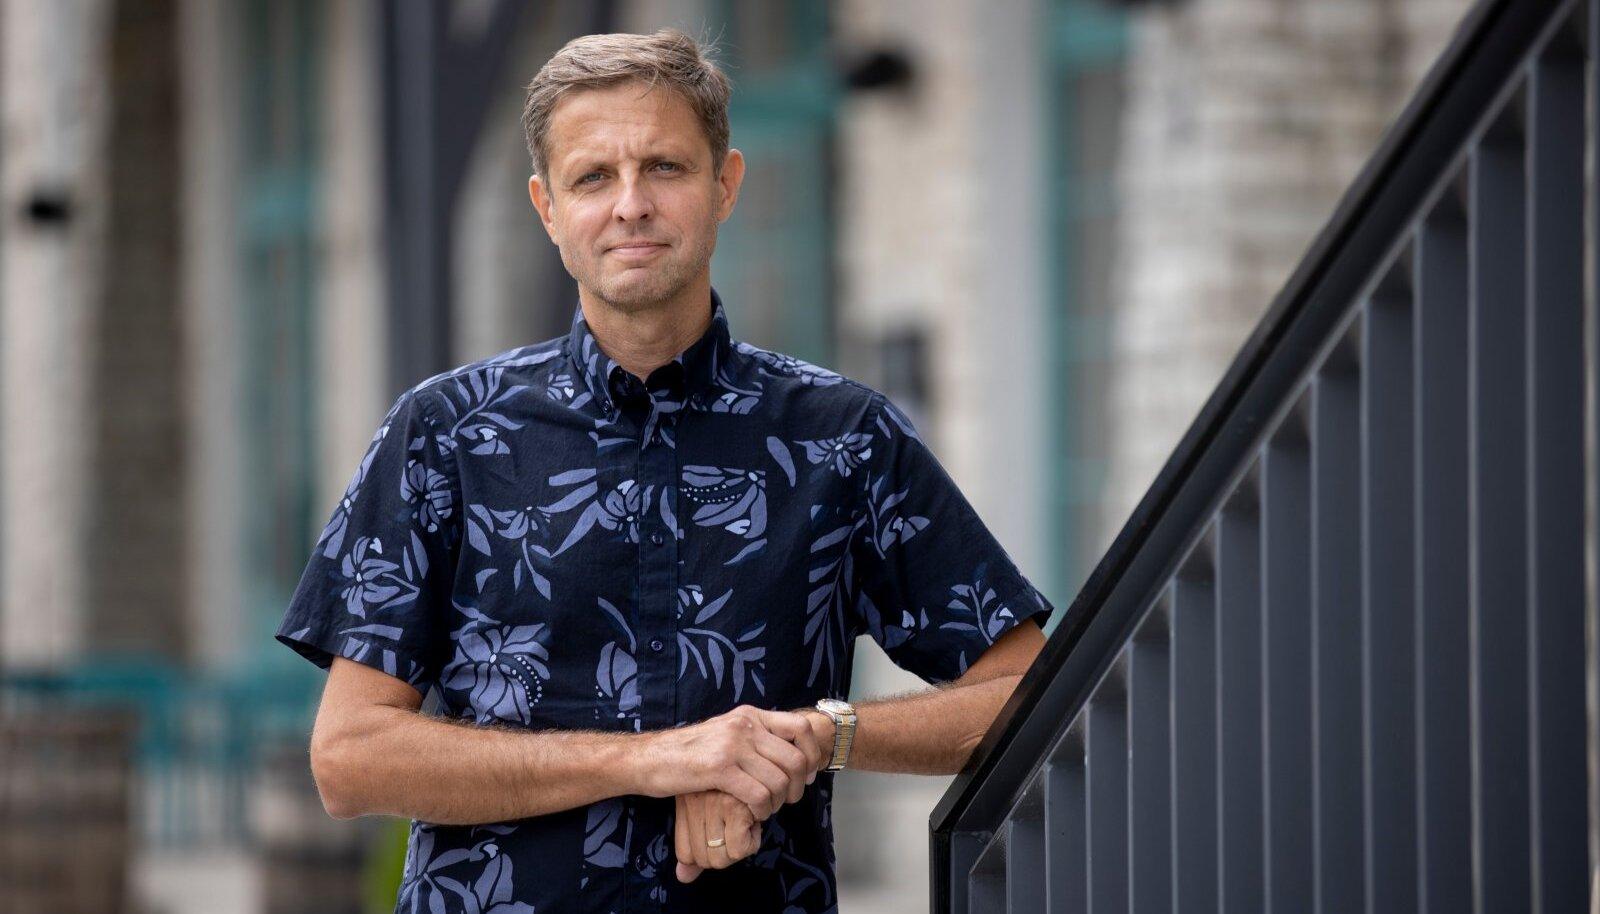 Noblessneri arendust 2014. aastast juhtinud Ivar Piirsalule kuulub ka Vana-Antsla mõis Võrumaal.